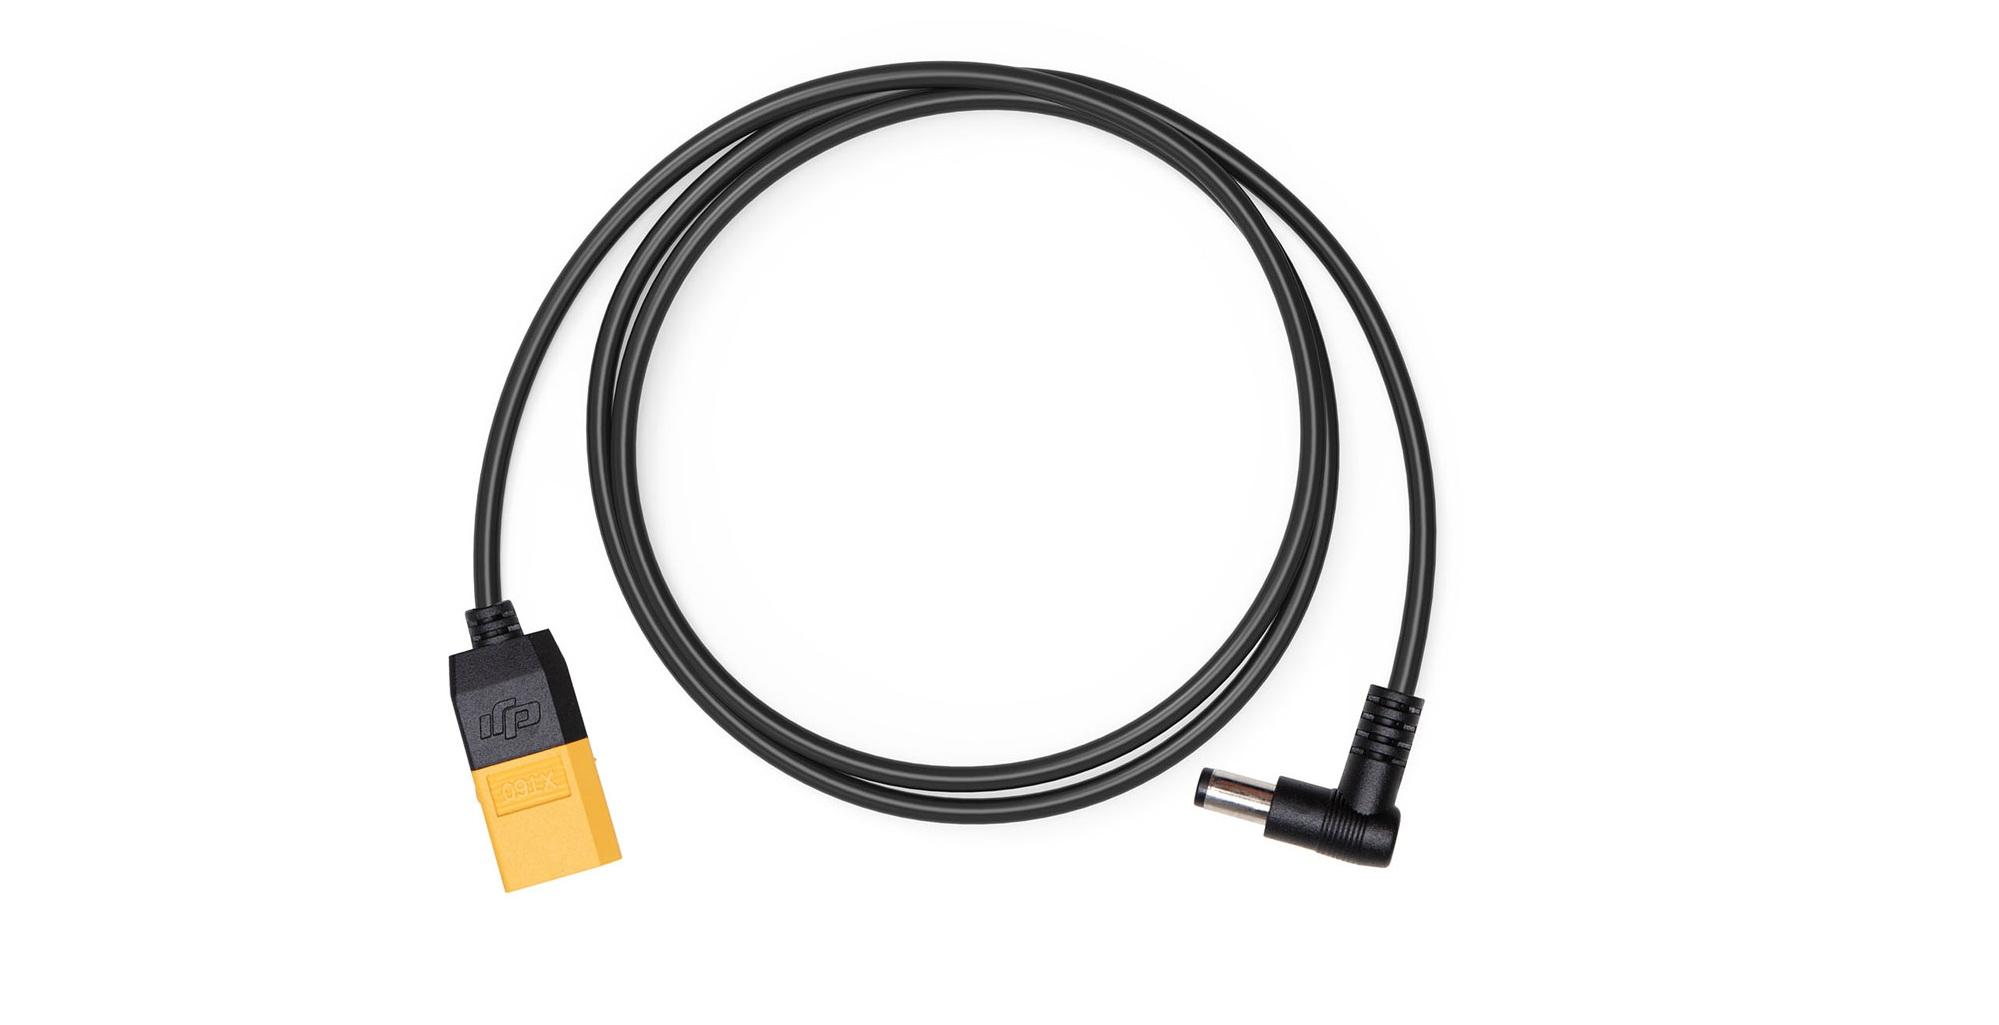 DJI FPV Goggles Power Cable XT60 có đầu nối gập góc 90 độ